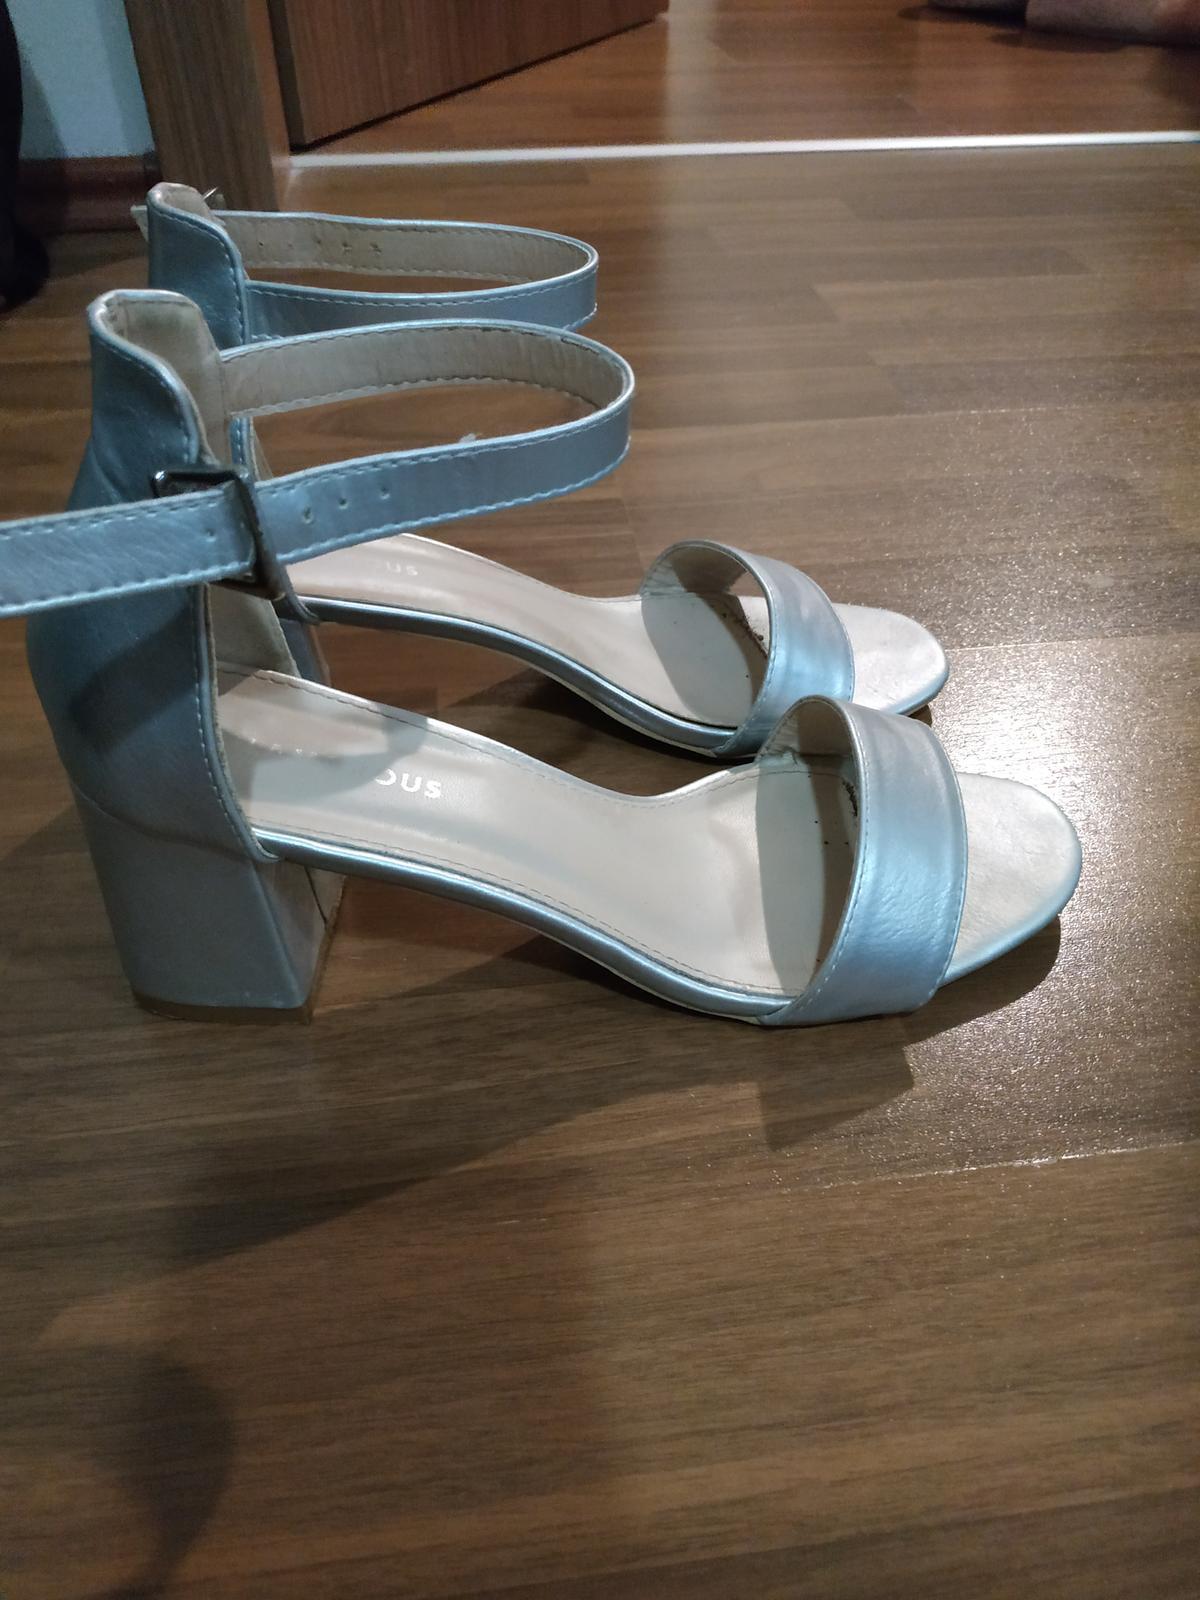 Páskové boty - Obrázek č. 2